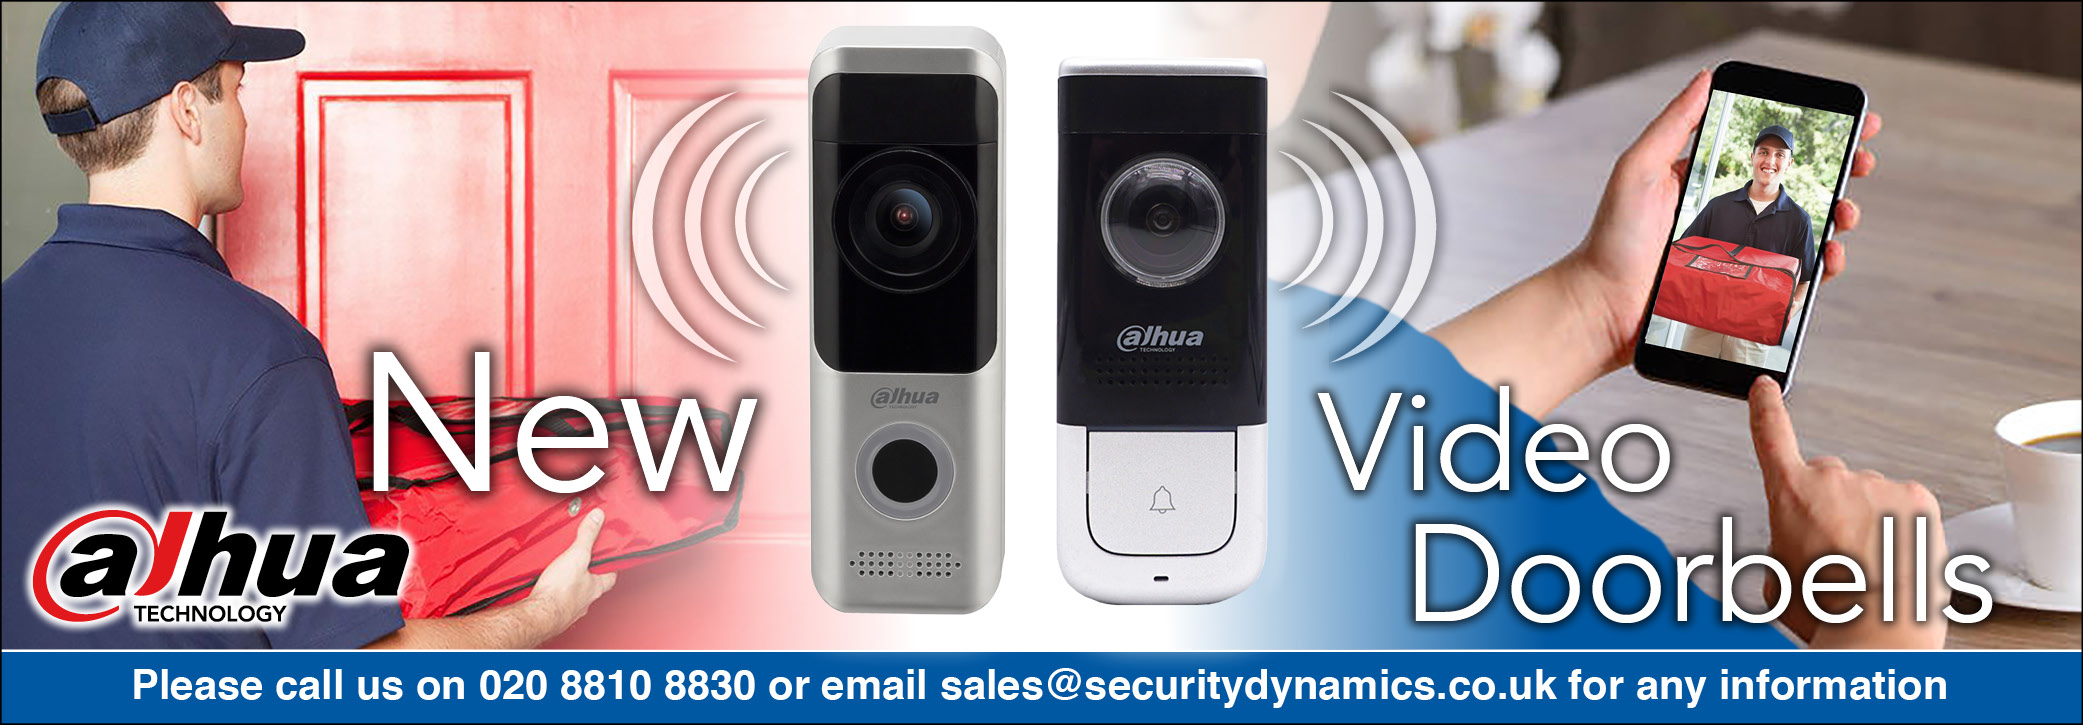 wysiwyg/Doorbellwebbanner.jpg